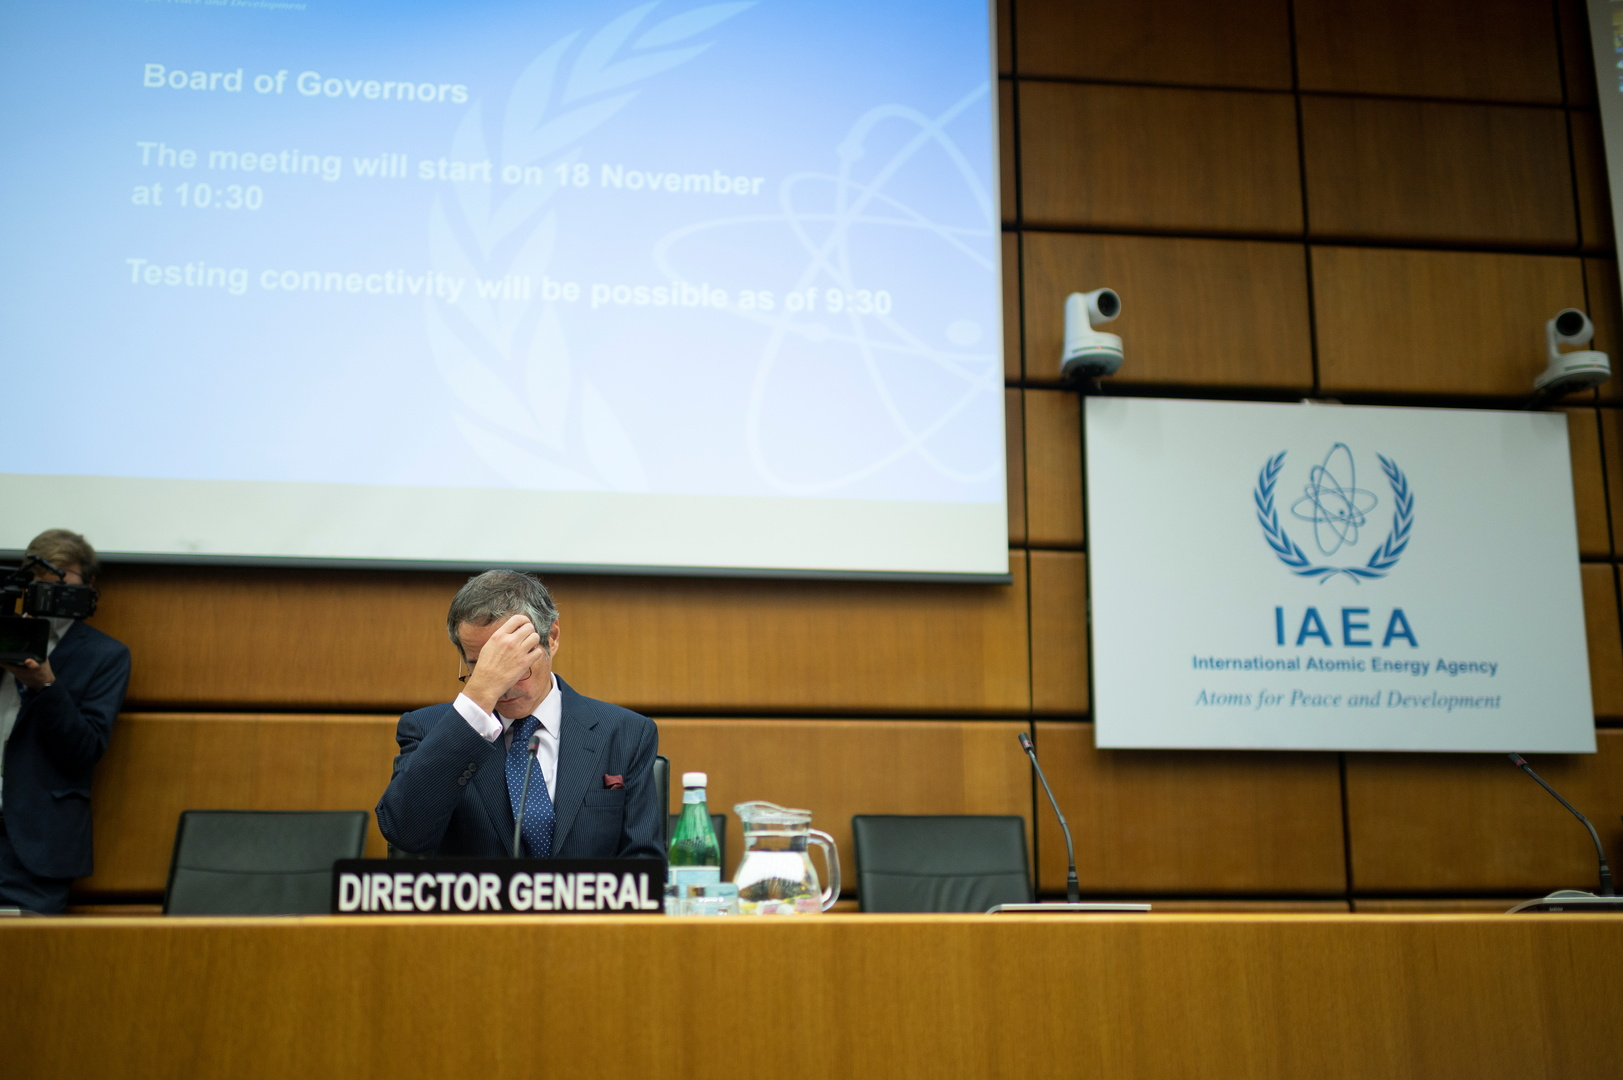 وزير خارجية فرنسا: إيران تعمل على بناء قدرات نووية